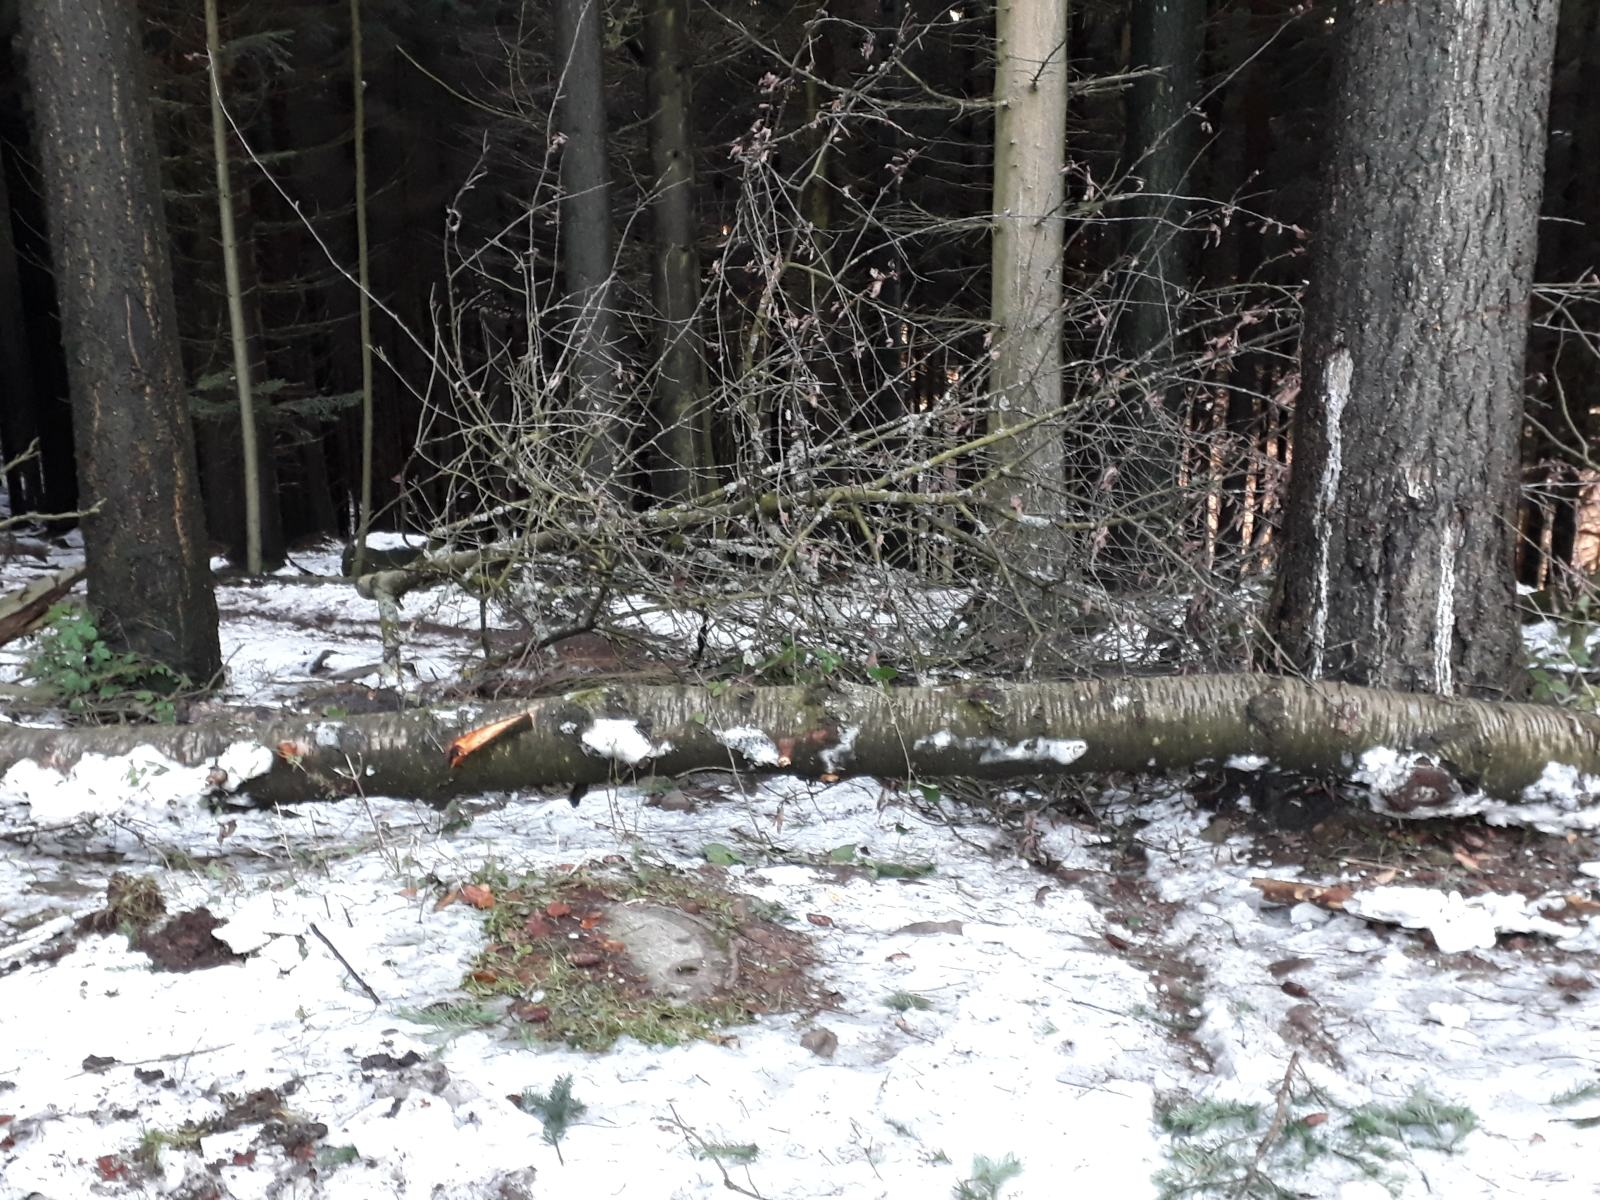 Wurzeltrail mit Baum.